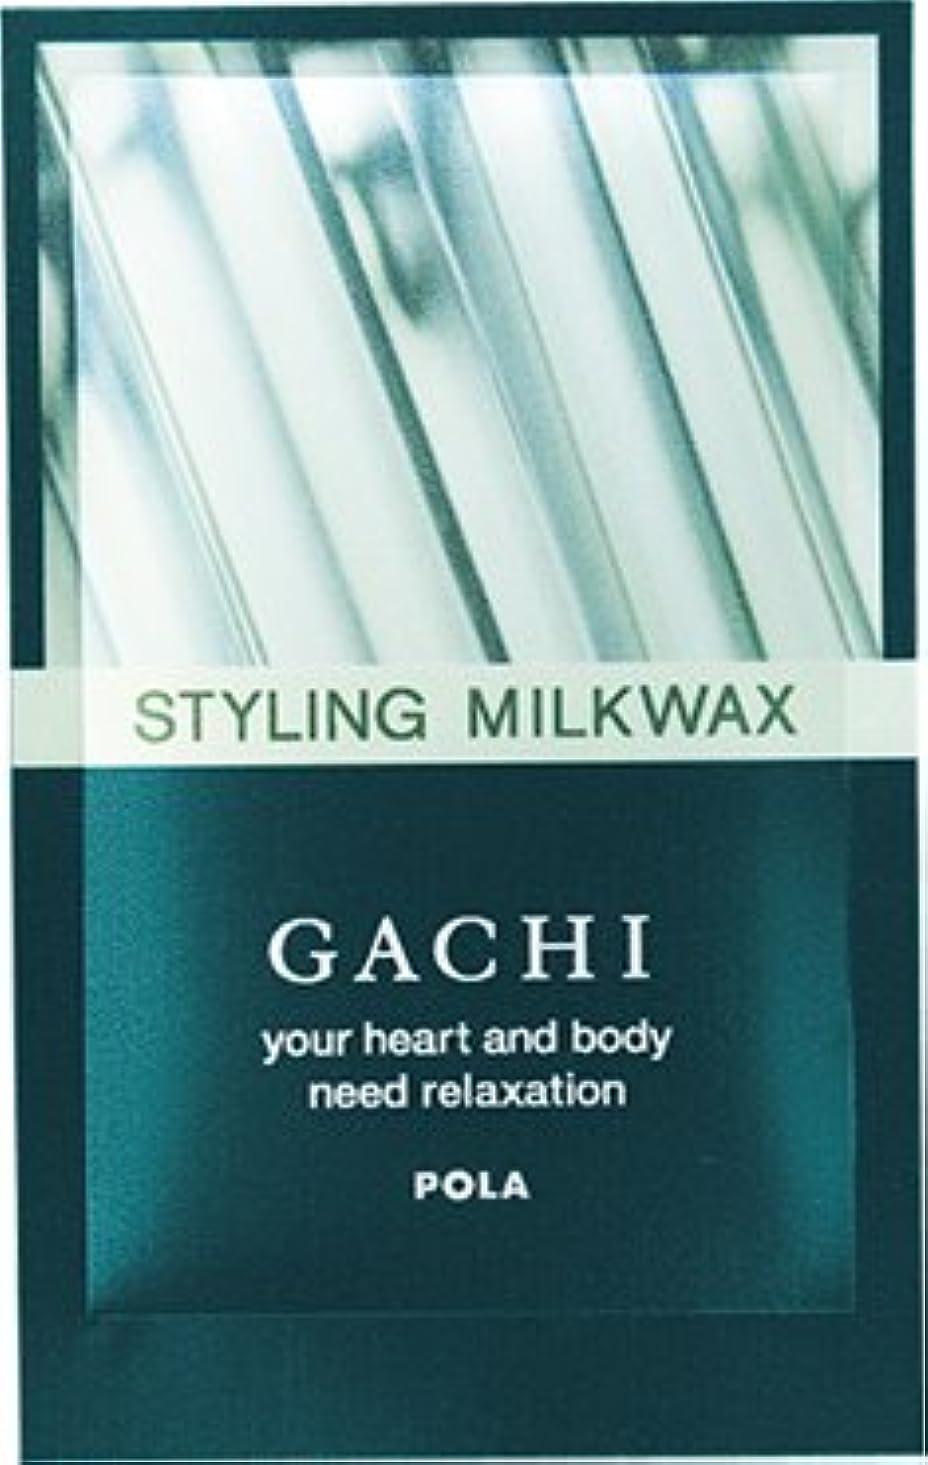 好奇心調停者遺伝子POLA(ポーラ) GACHI ガチ スタイリングミルクワックス 整髪料 業務用 パウチ ラミネート 400包